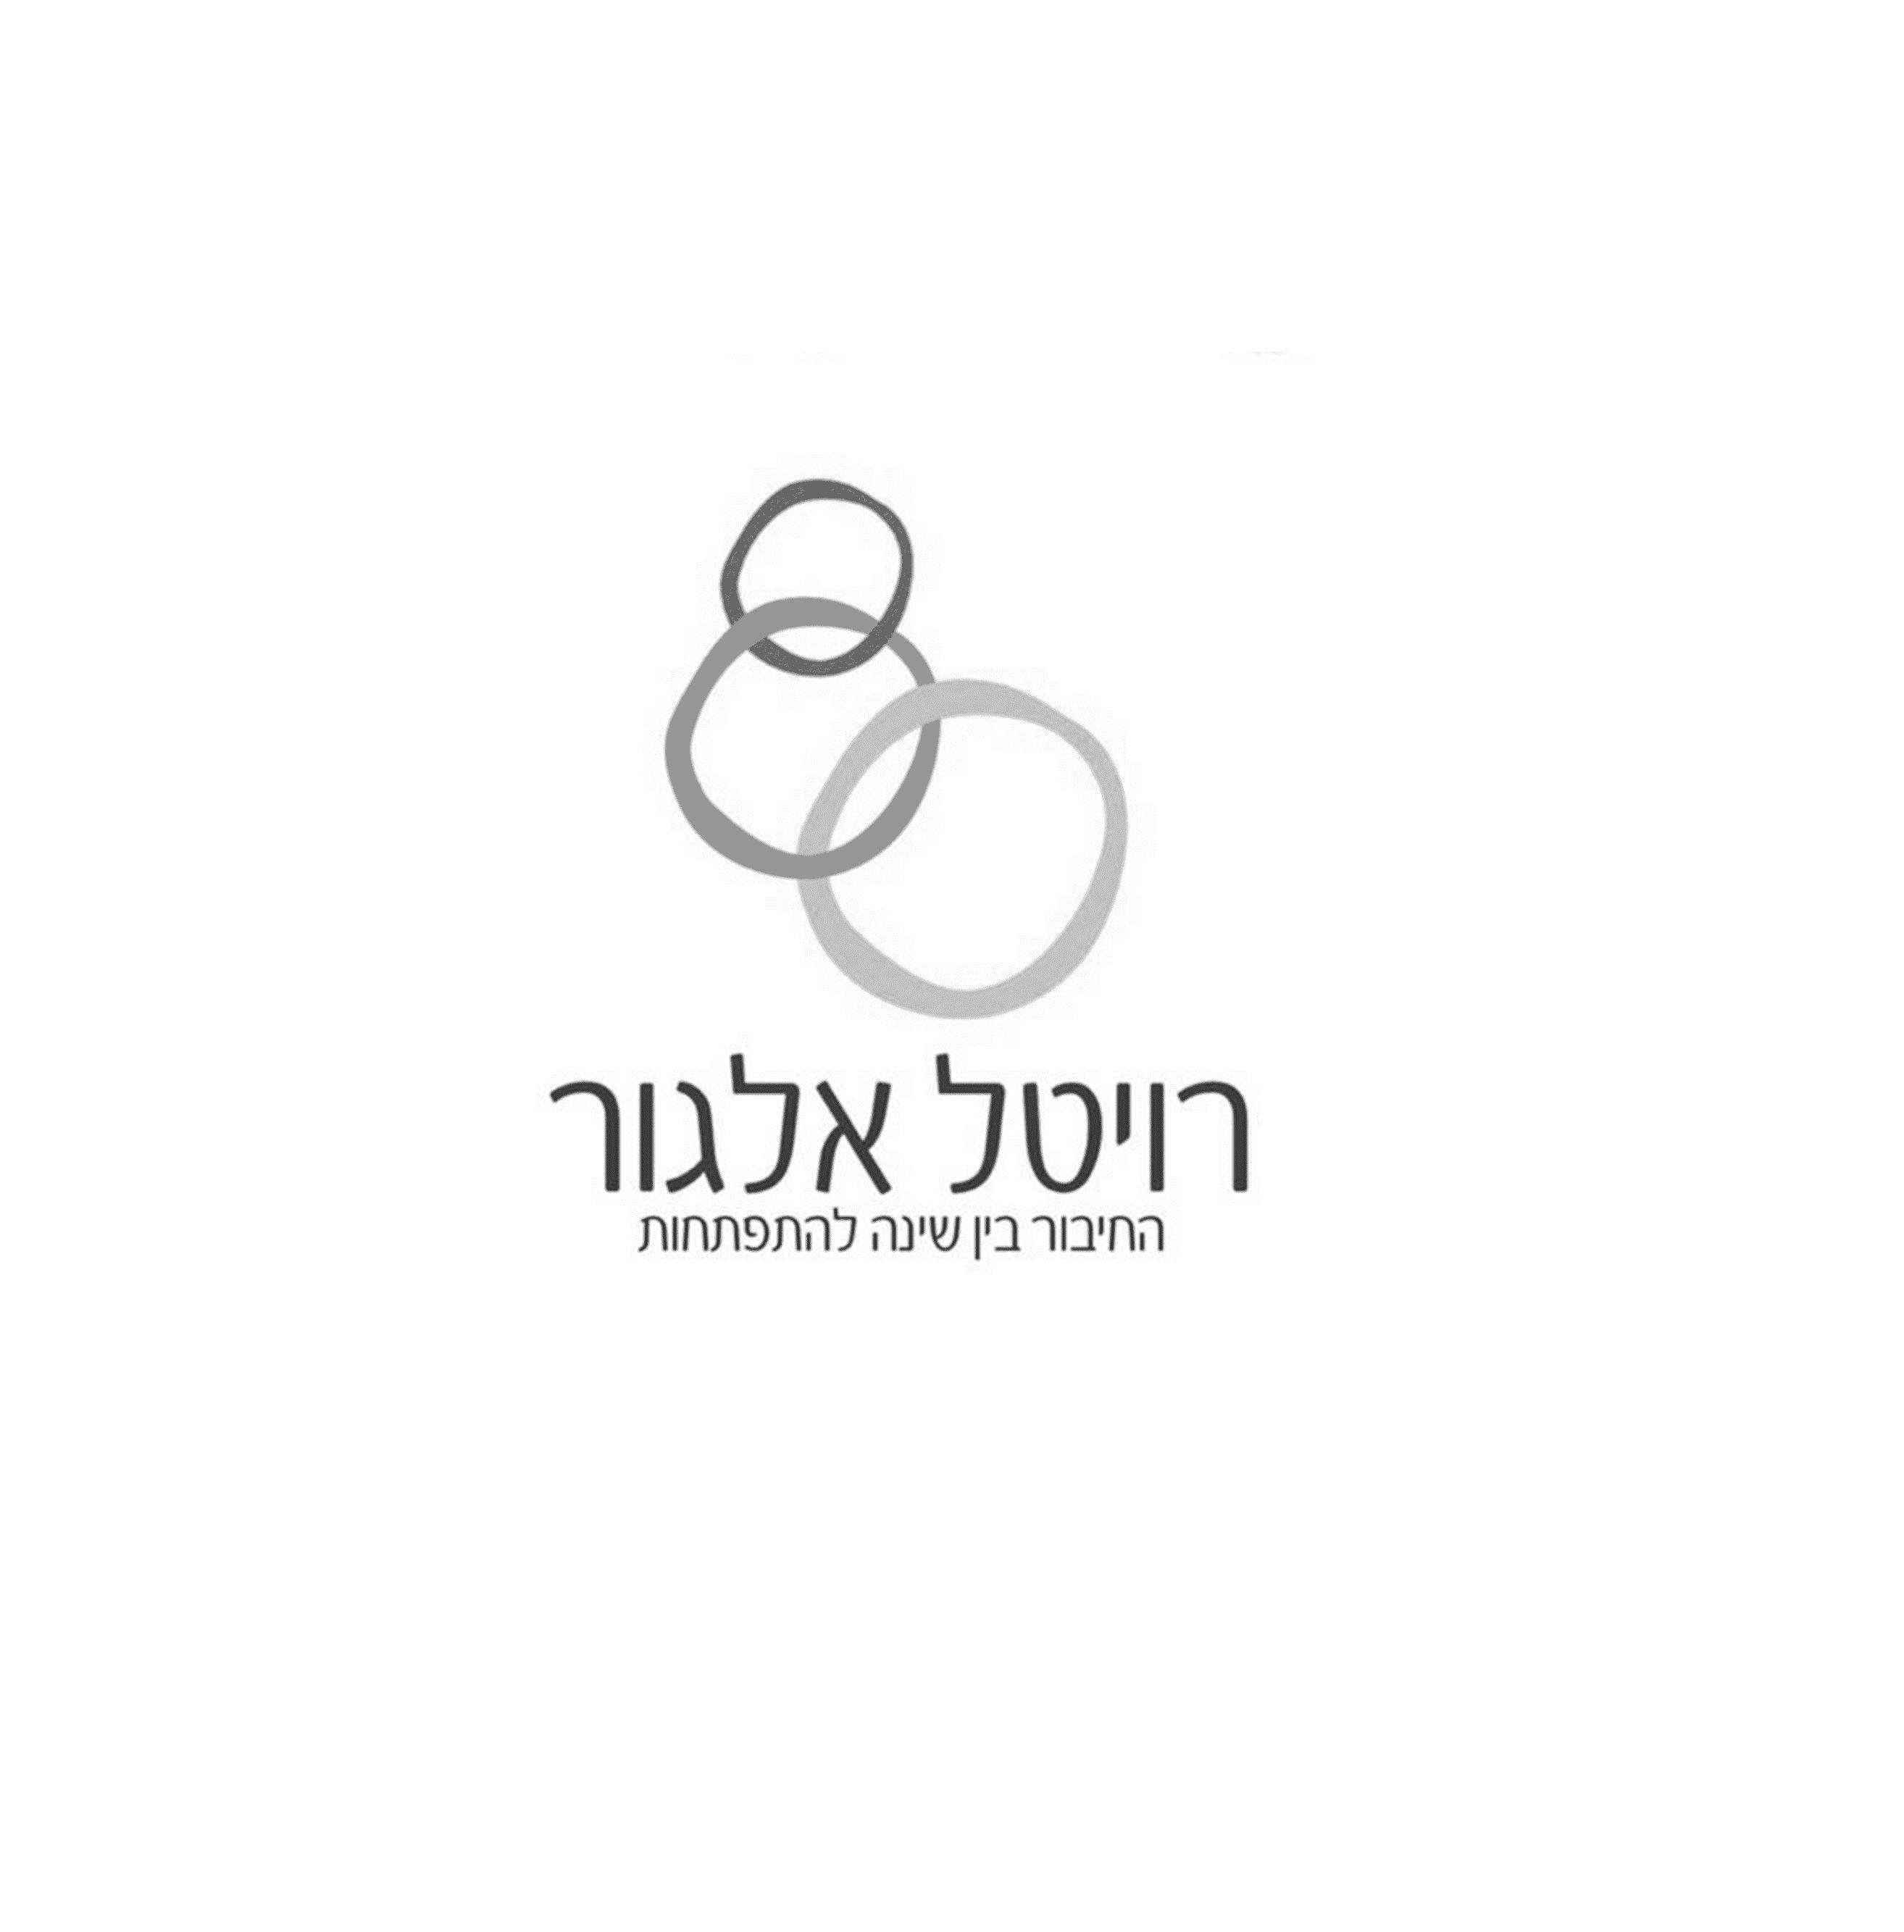 לוגואים של לקוחות: רויטל אלגור